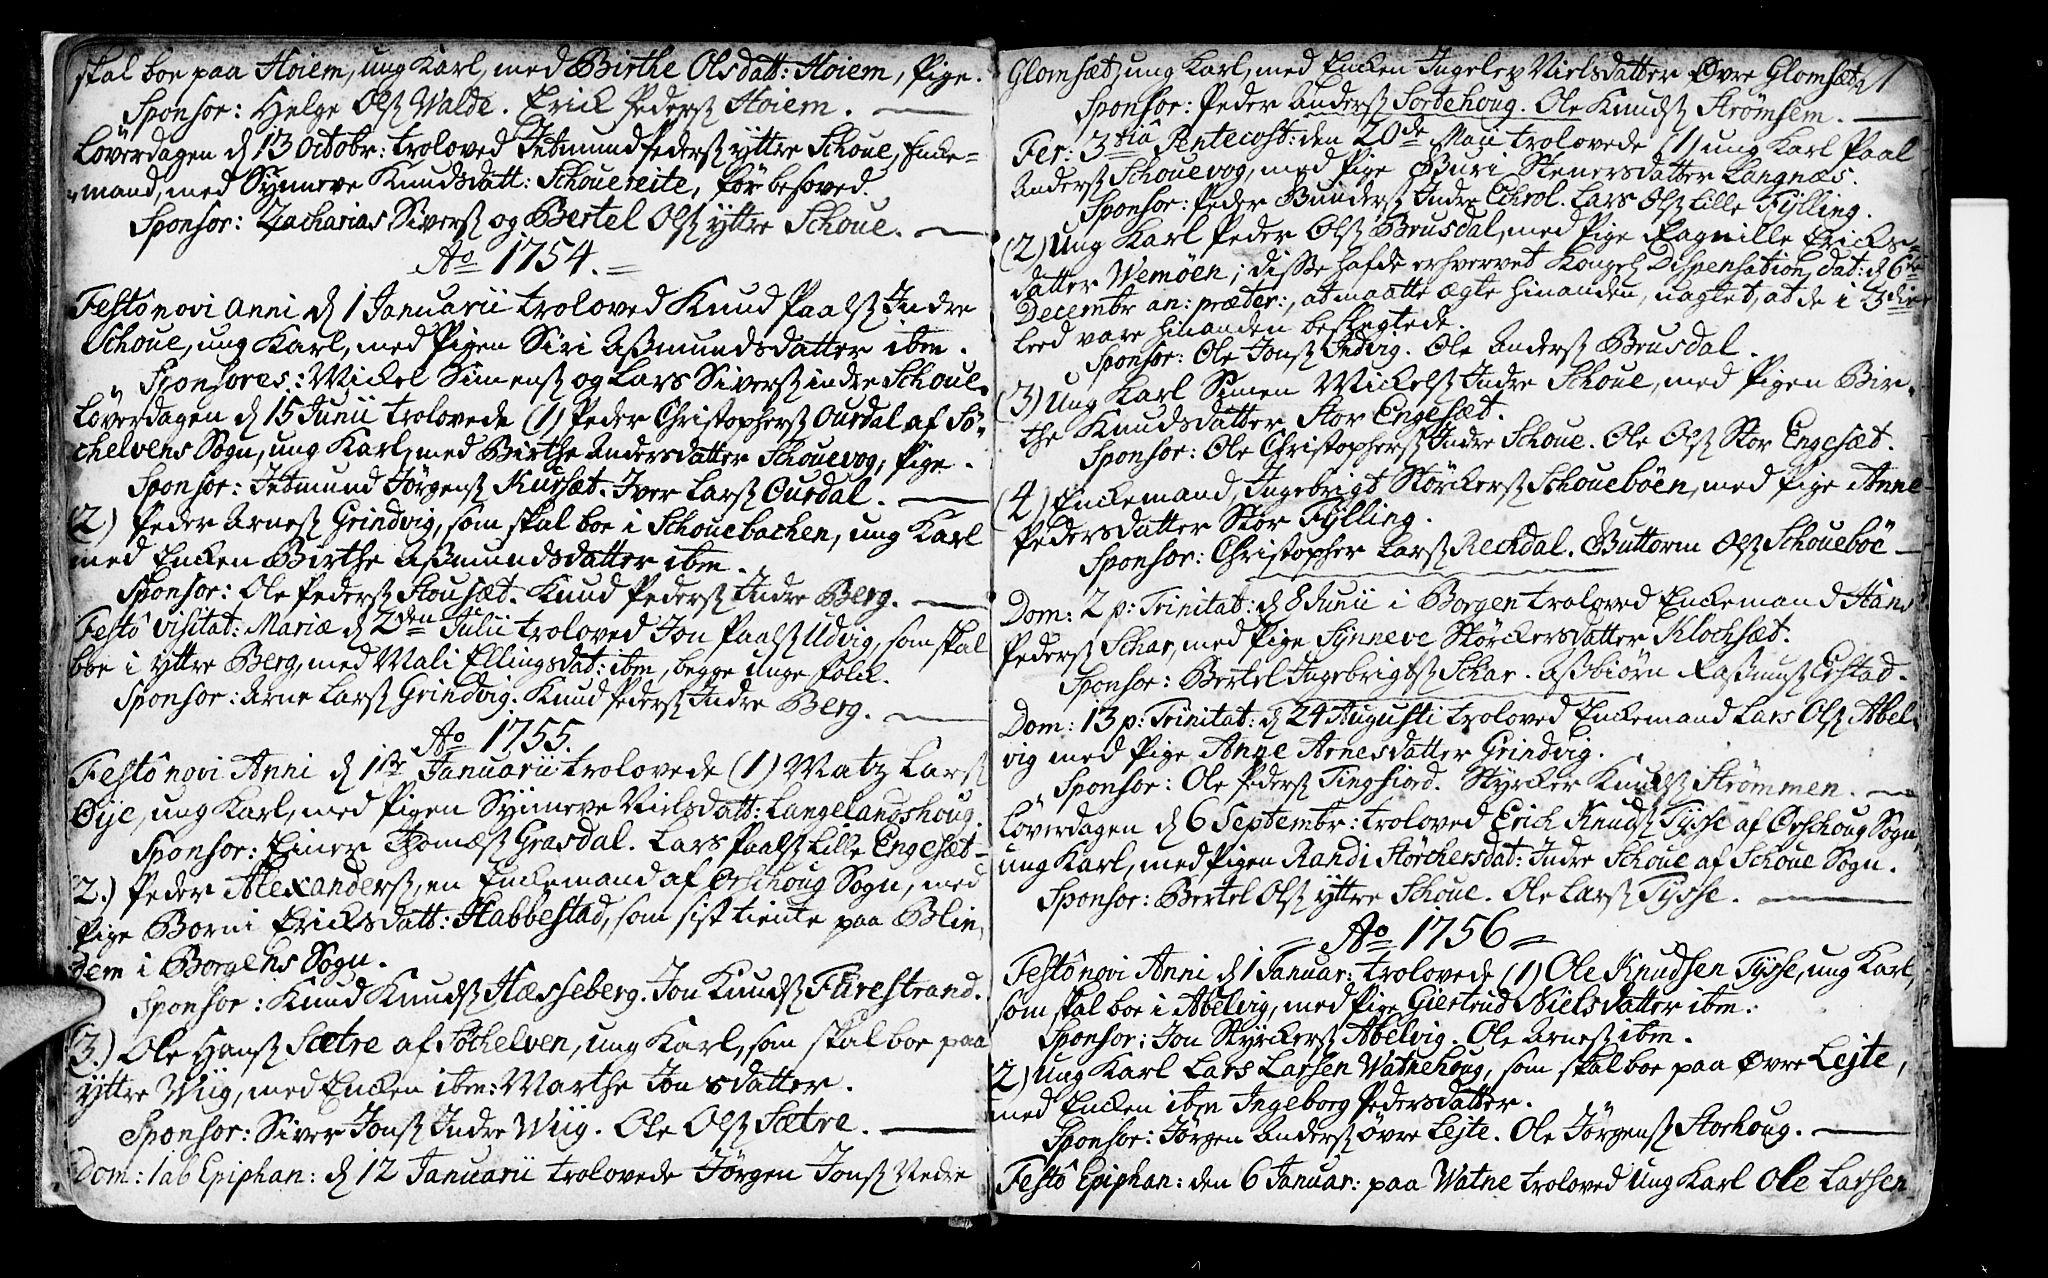 SAT, Ministerialprotokoller, klokkerbøker og fødselsregistre - Møre og Romsdal, 524/L0349: Parish register (official) no. 524A01, 1698-1779, p. 21